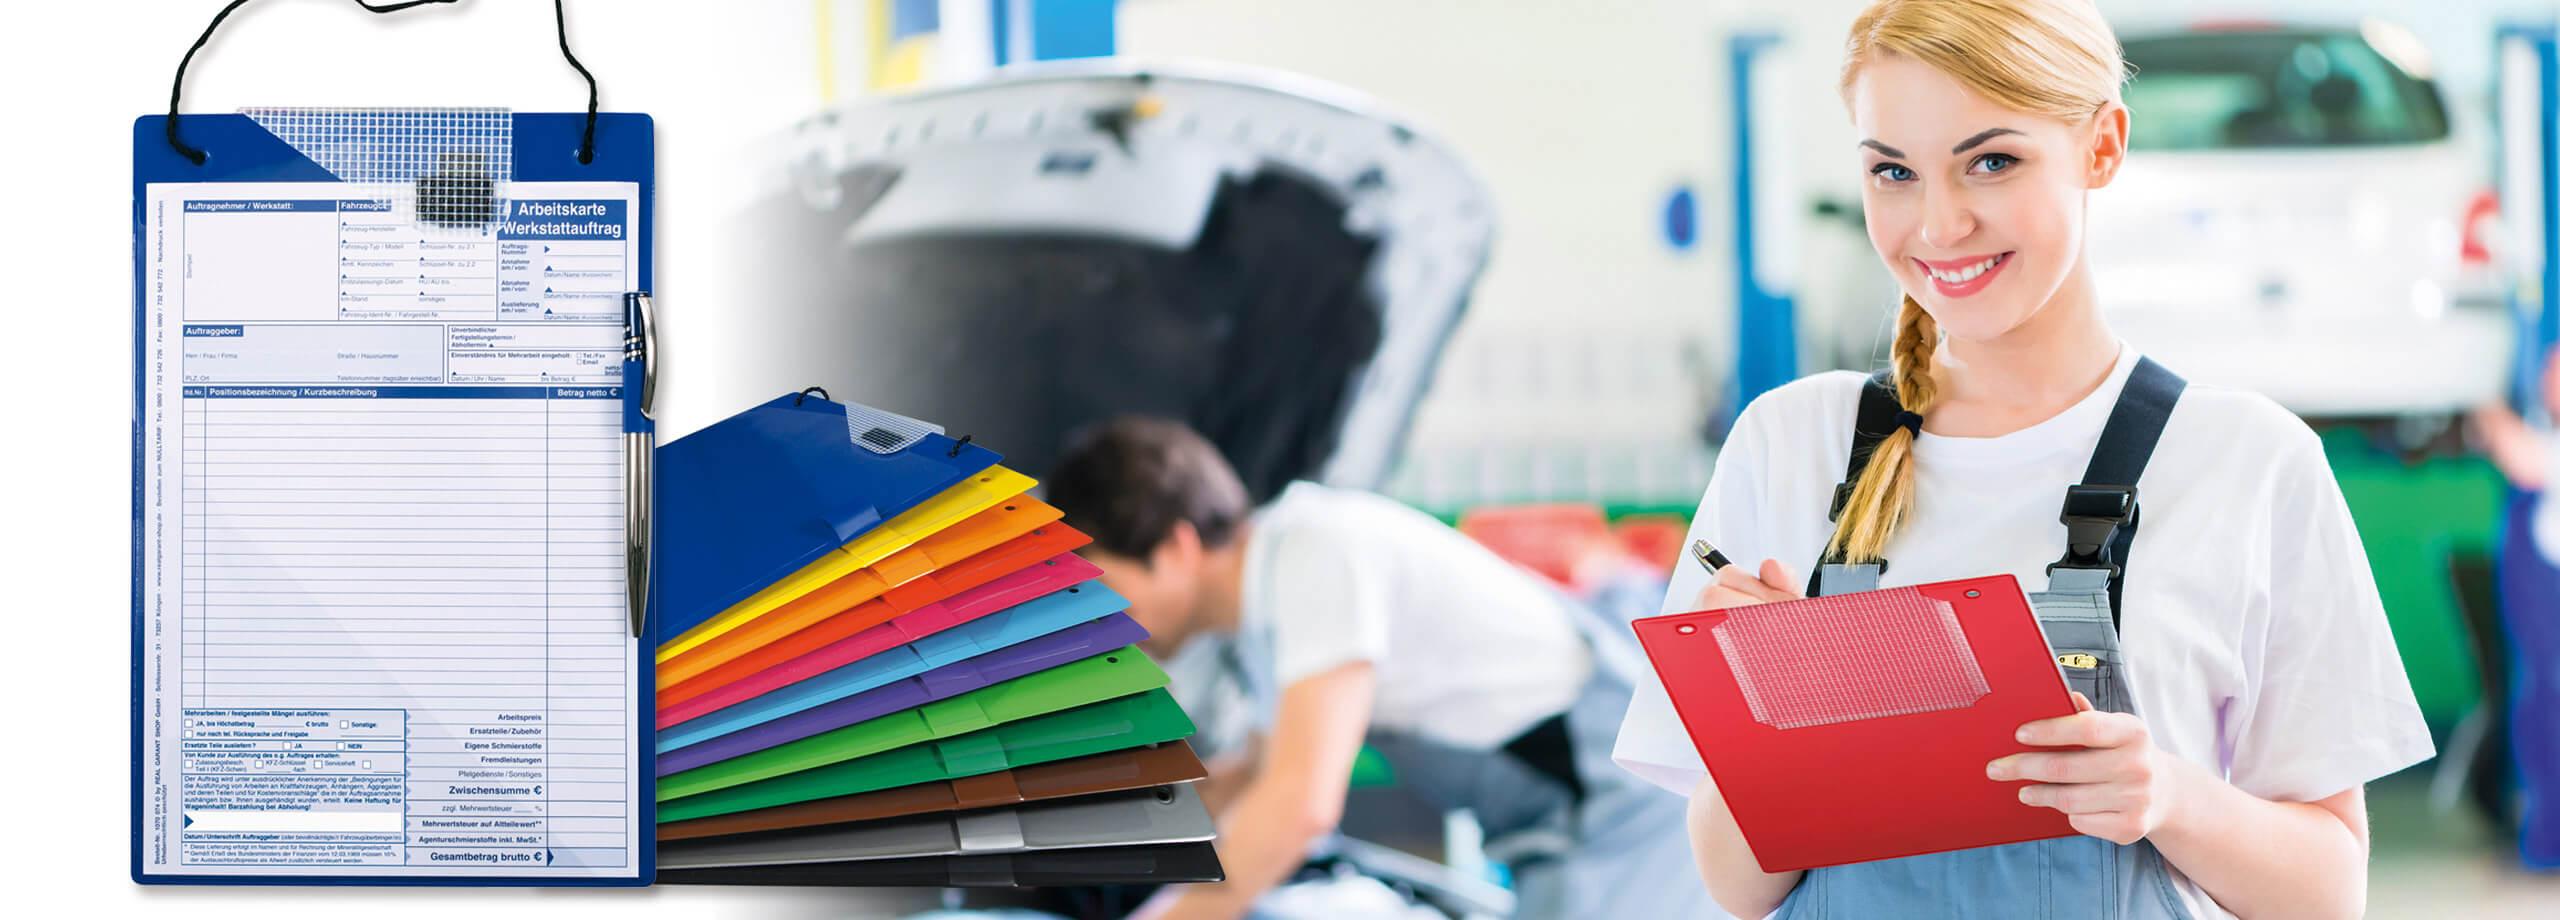 Werkstattorganisation - Auftragstaschen